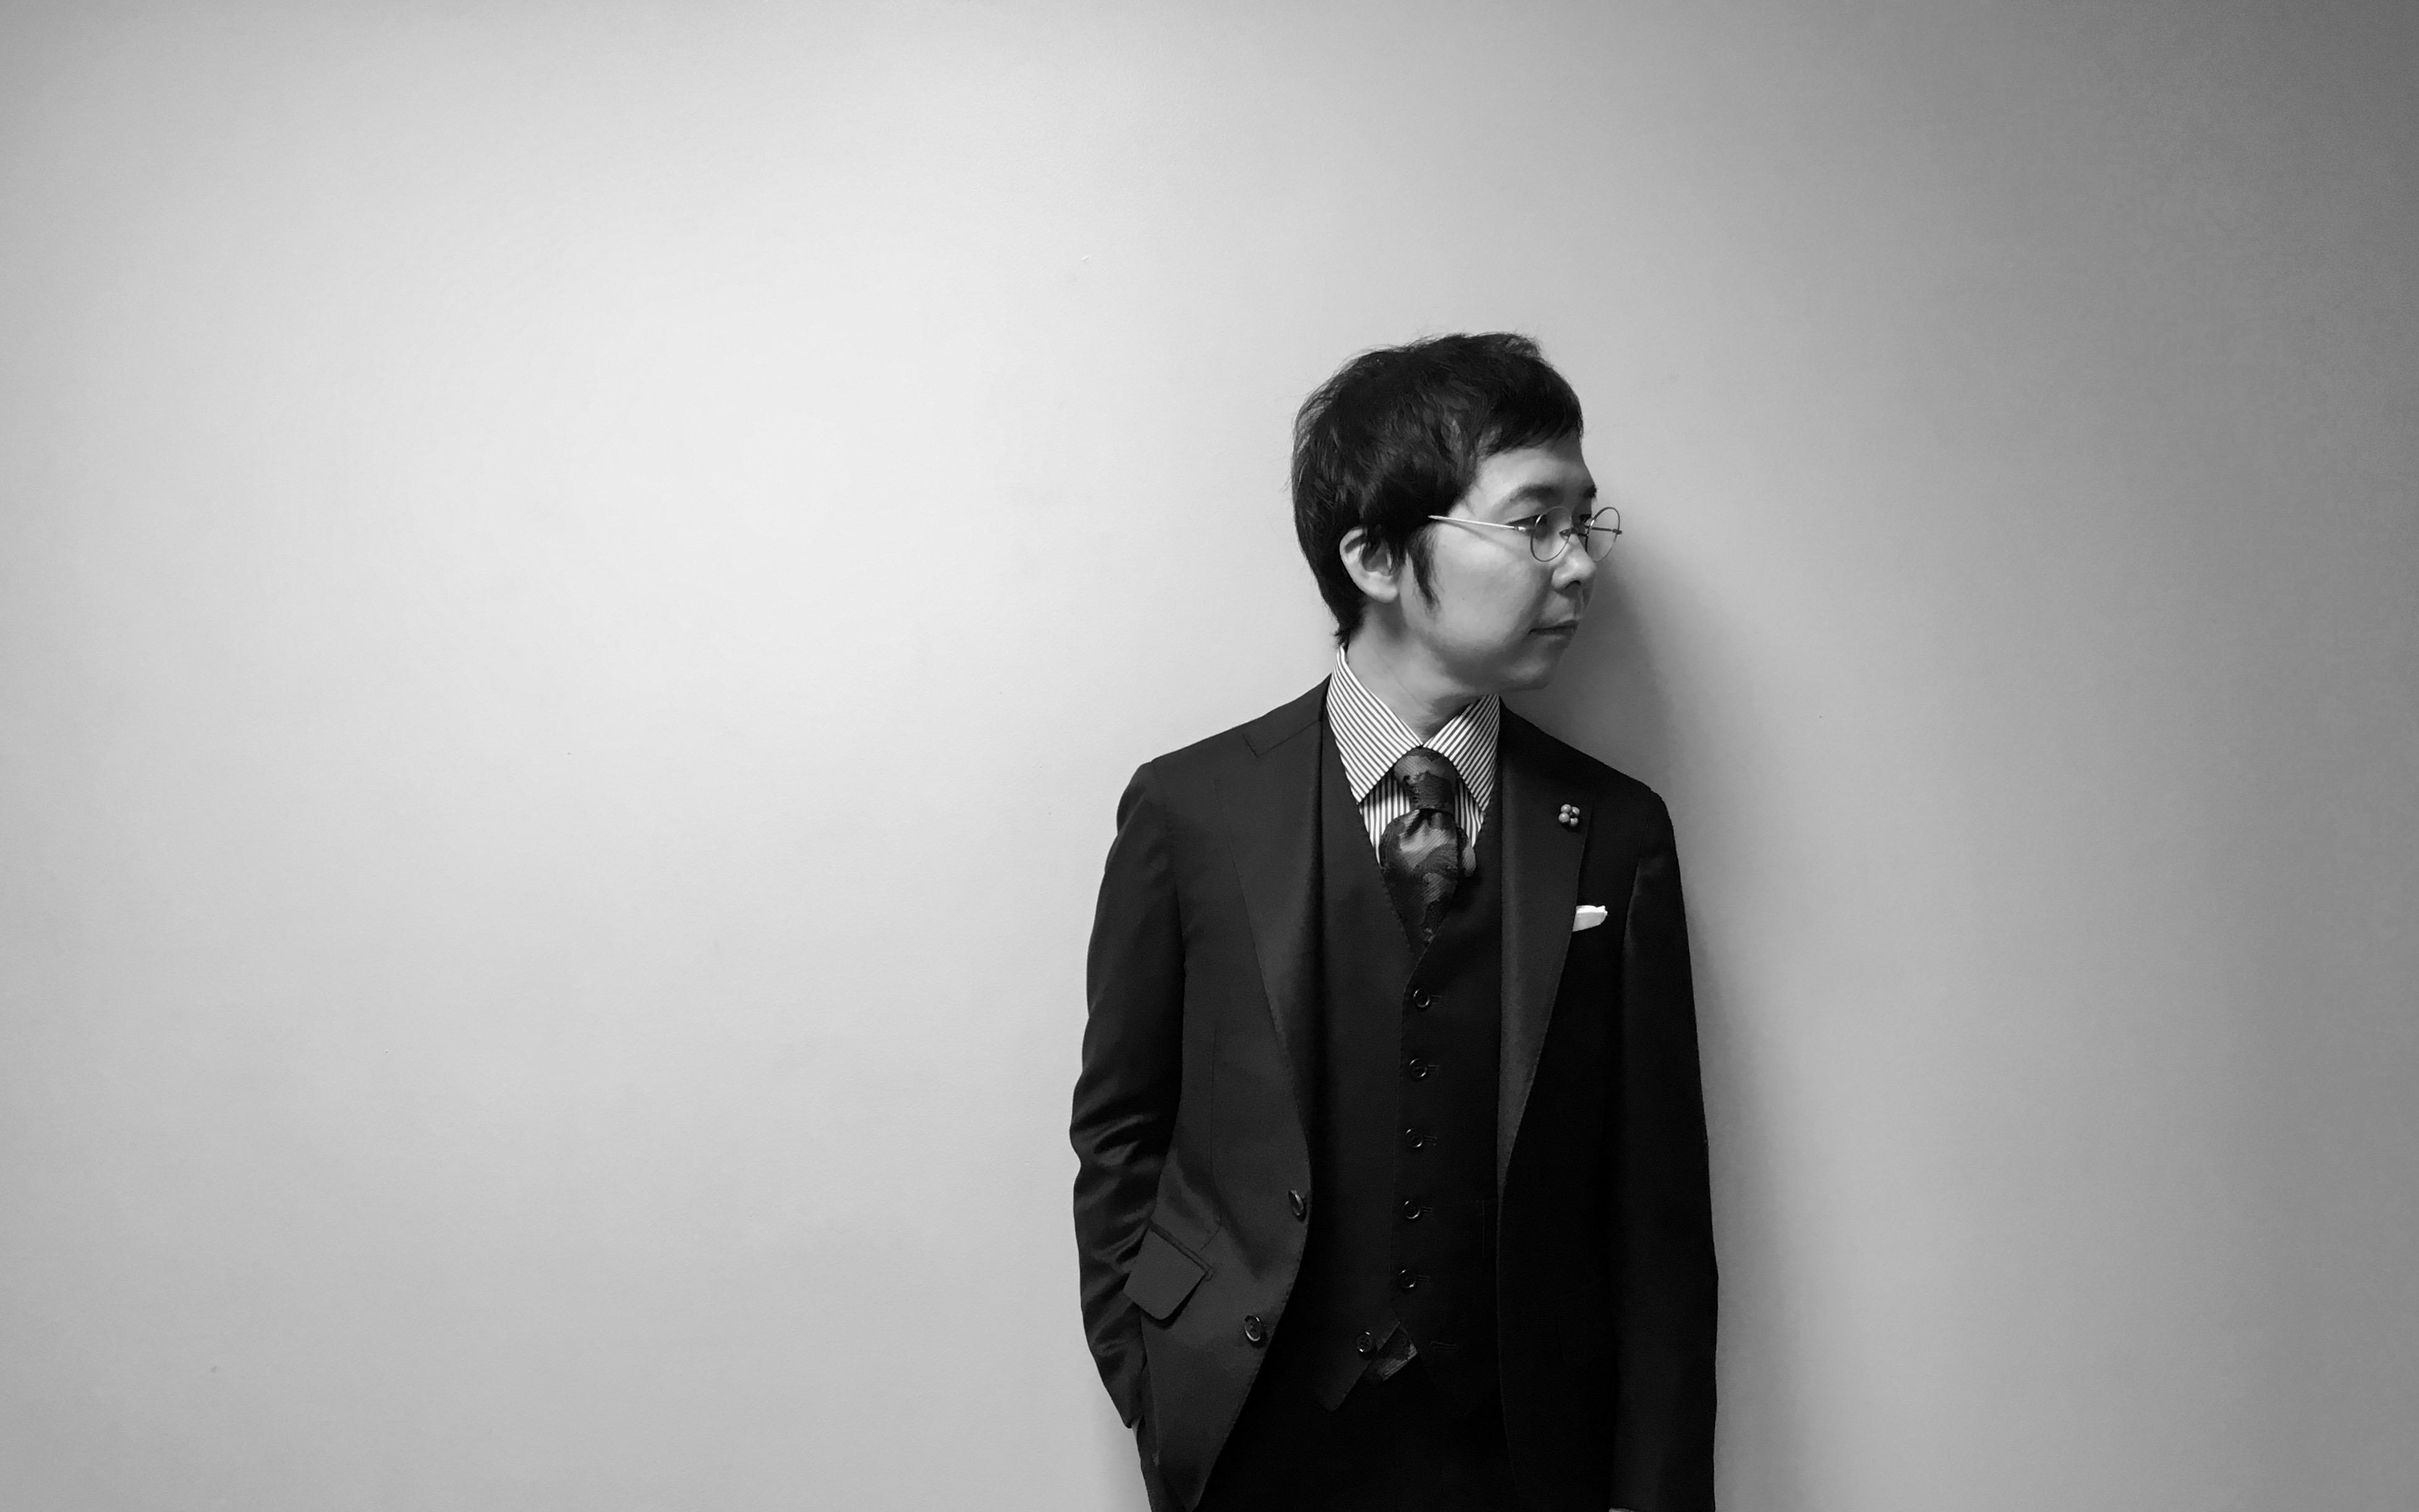 TRABALDO TOGNA/トラバルド・トーニャ☆estrato/エストラート